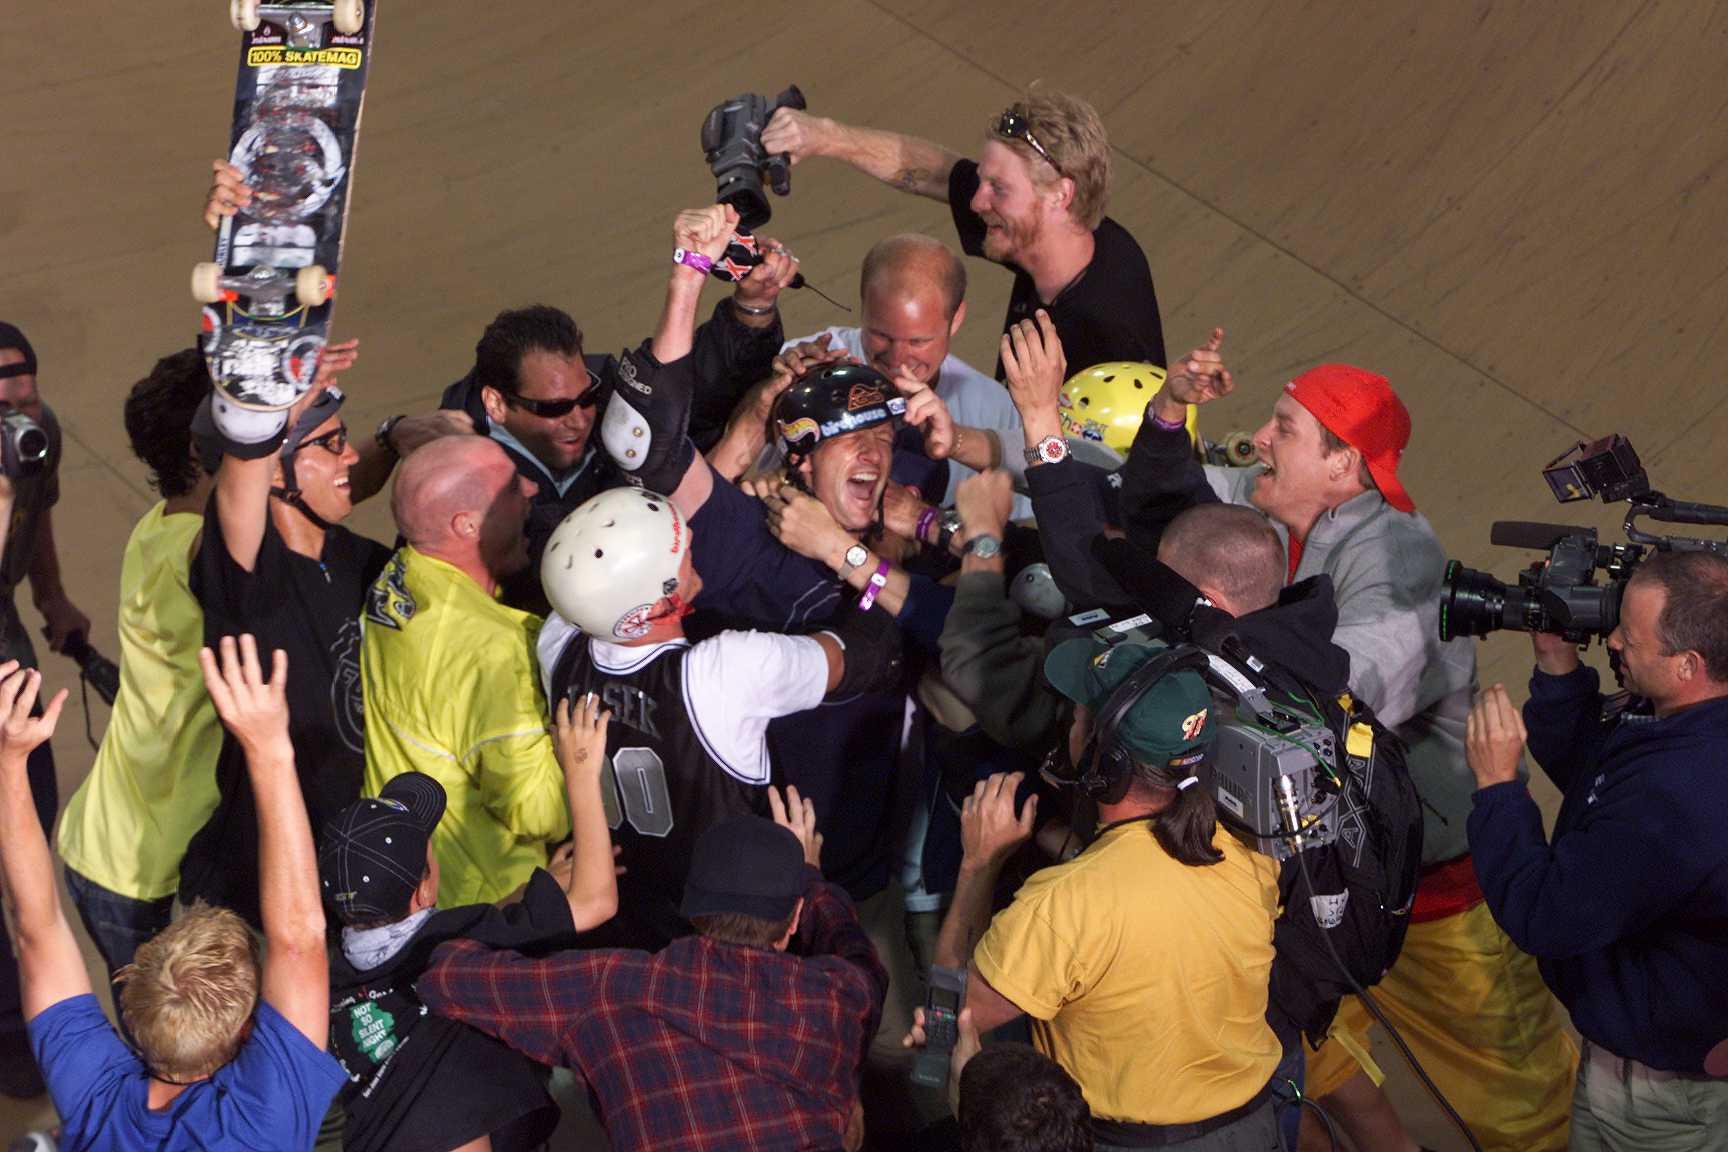 Tony Hawk after record 900 at X Games